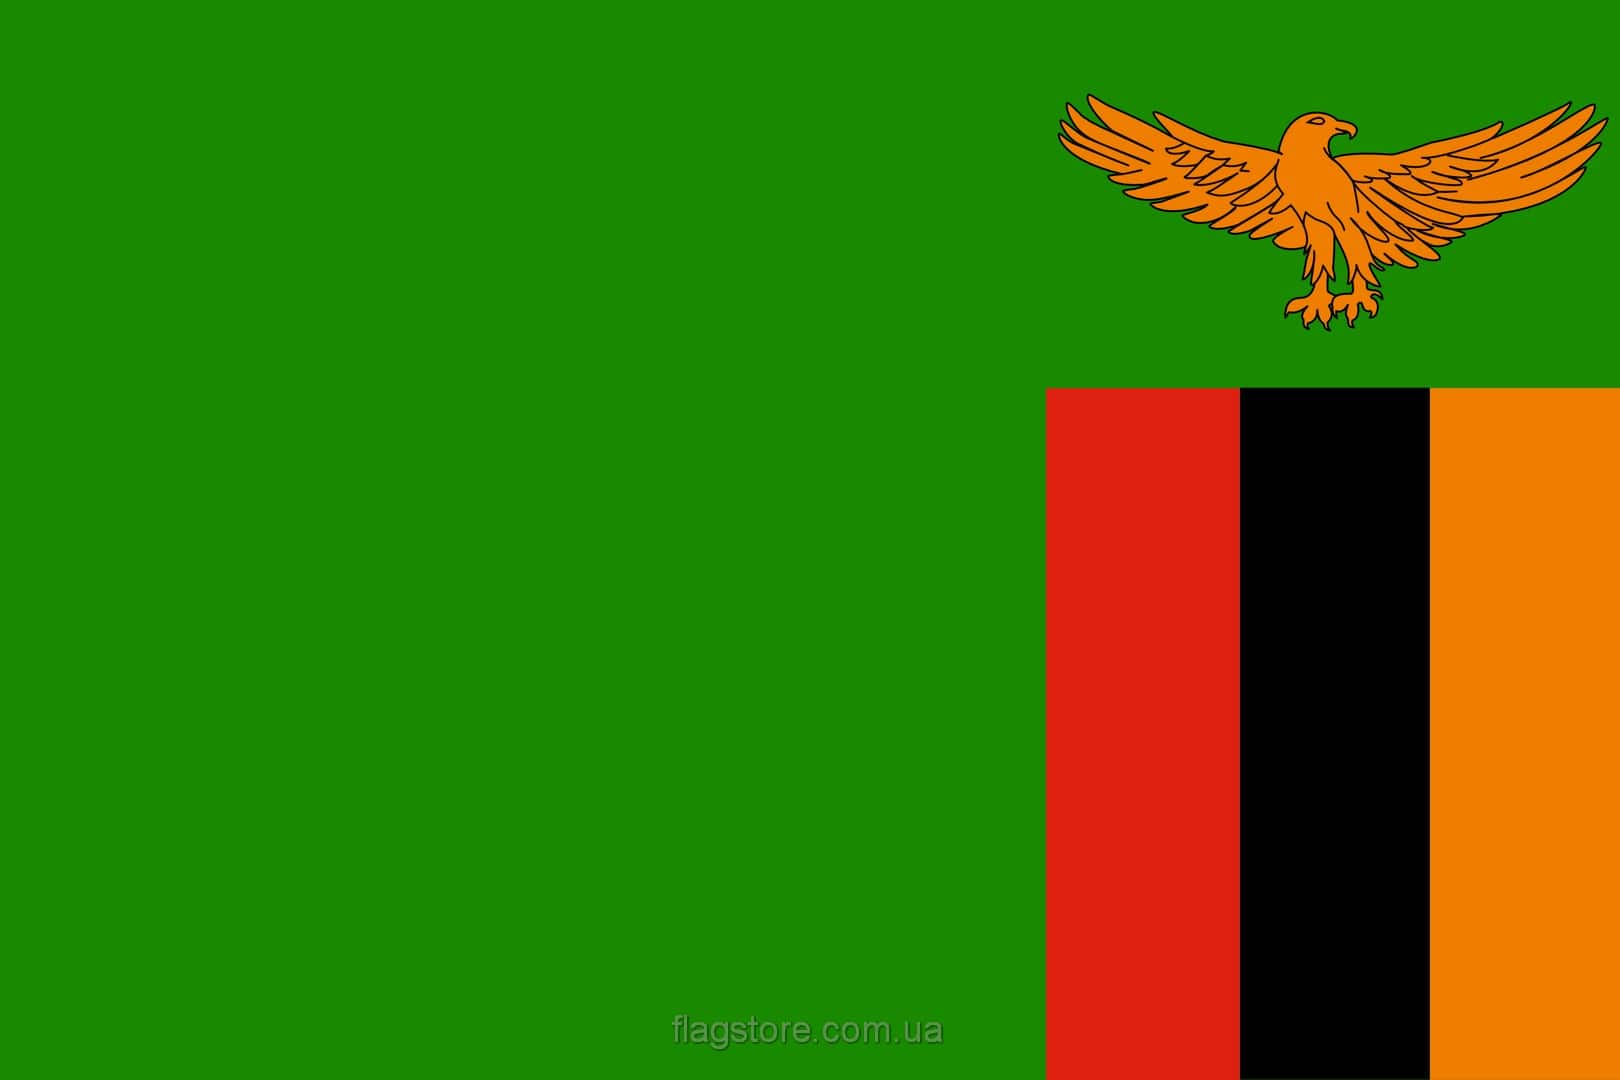 Купить флаг Замбии (страны Замбия)